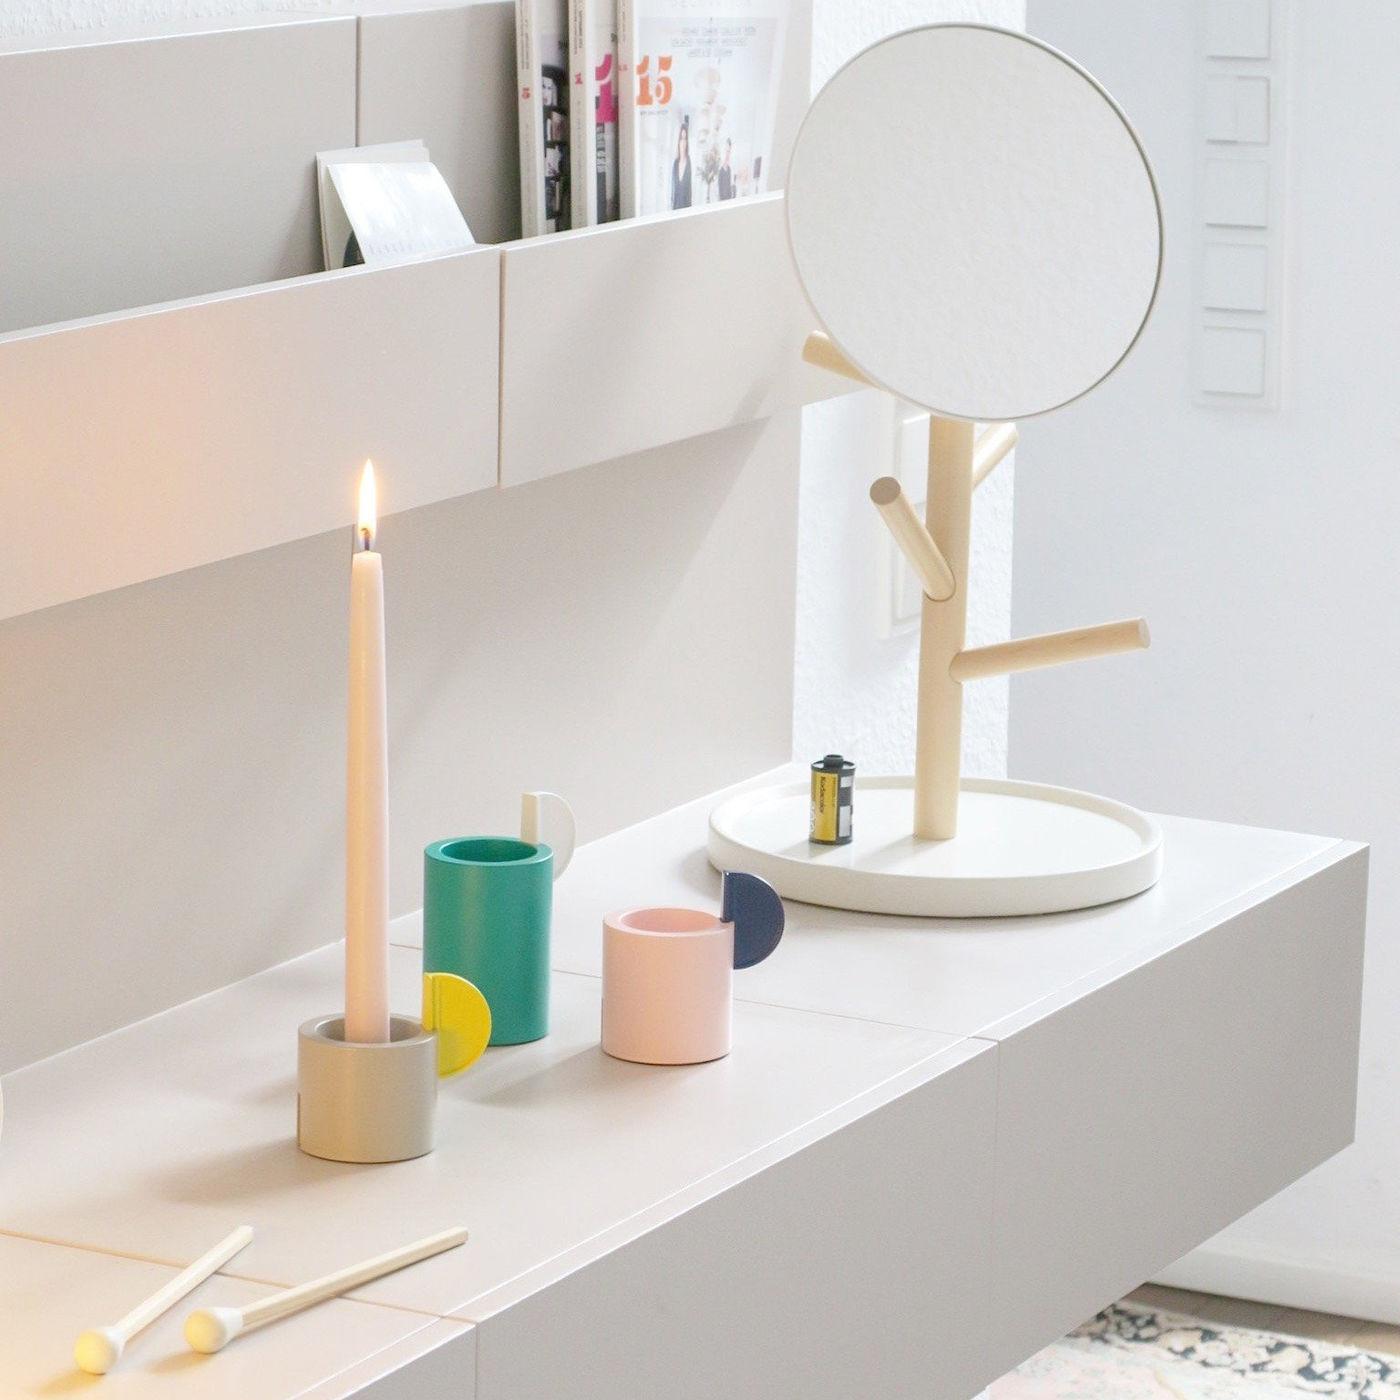 Full Size of Ikea Hacks Aufbewahrung Besten Ideen Fr Bett Mit Küche Kaufen Aufbewahrungsbehälter Betten Modulküche Miniküche Bei Sofa Schlaffunktion Kosten 160x200 Wohnzimmer Ikea Hacks Aufbewahrung